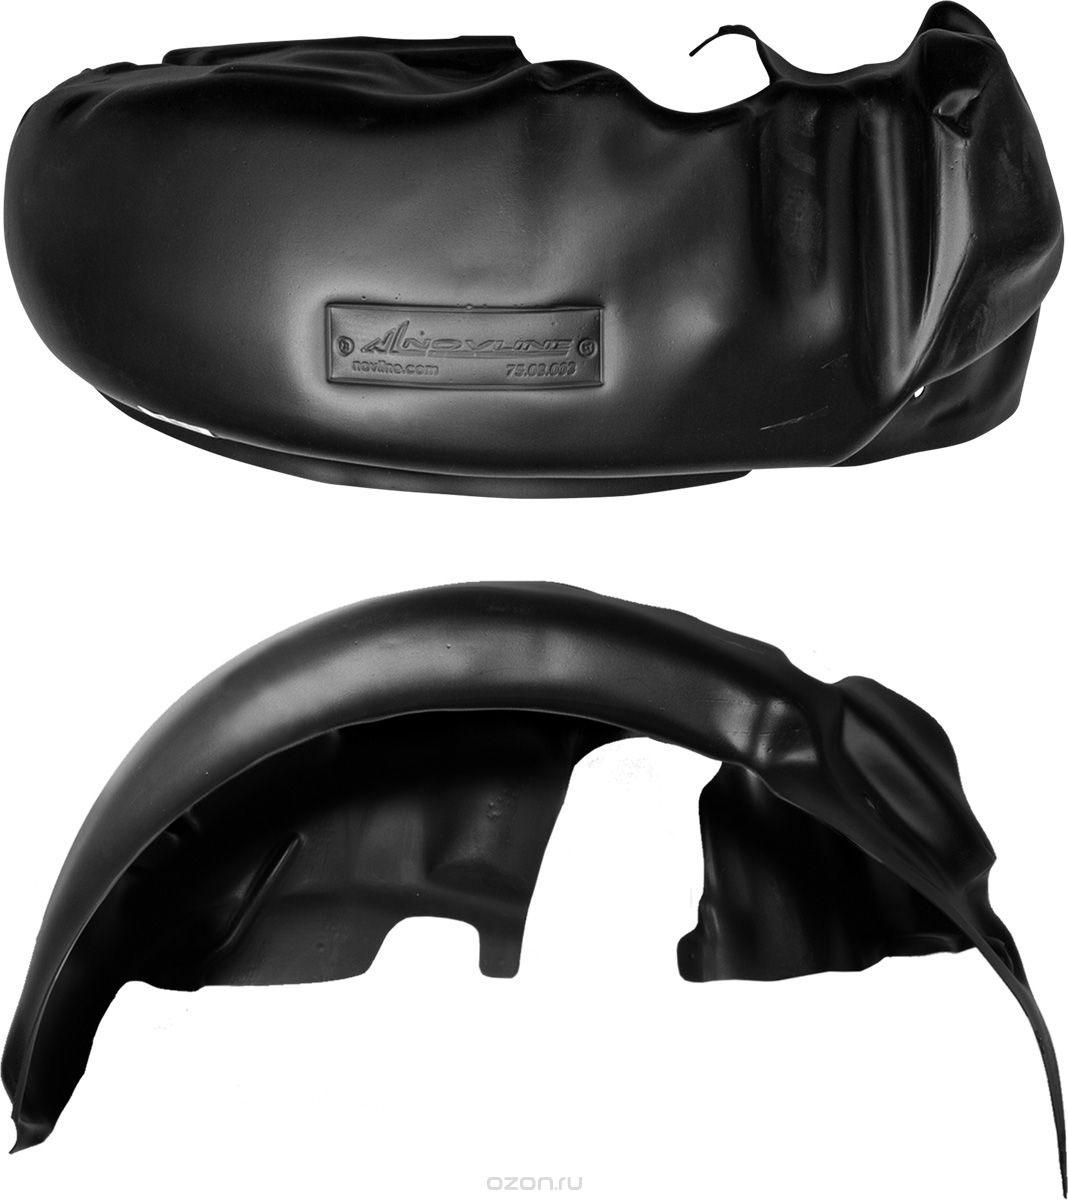 Подкрылок Novline-Autofamily, для KIA Cerato 03/2009-2013, задний левыйNLL.25.26.003Идеальная защита колесной ниши. Локеры разработаны с применением цифровых технологий, гарантируют максимальную повторяемость поверхности арки. Изделия устанавливаются без нарушения лакокрасочного покрытия автомобиля, каждый подкрылок комплектуется крепежом. Уважаемые клиенты, обращаем ваше внимание, что фотографии на подкрылки универсальные и не отражают реальную форму изделия. При этом само изделие идет точно под размер указанного автомобиля.